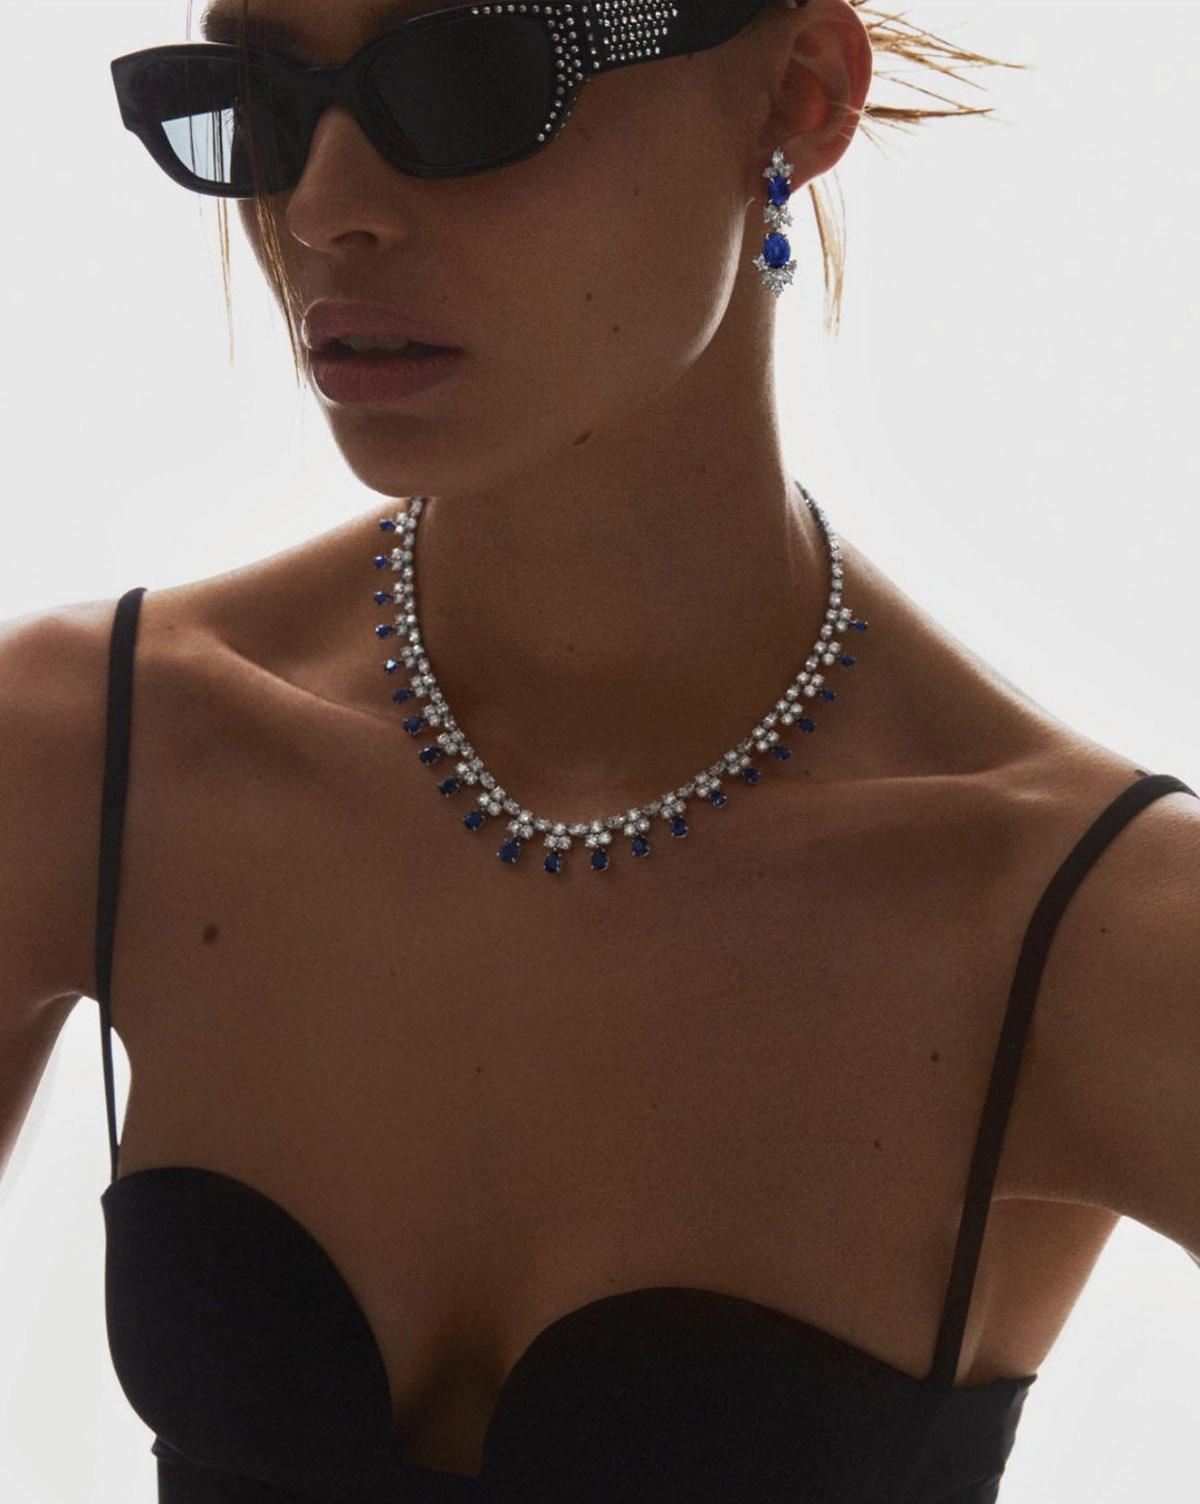 Birgit Kos by Vito Fernicola for Vogue Paris June July 2021